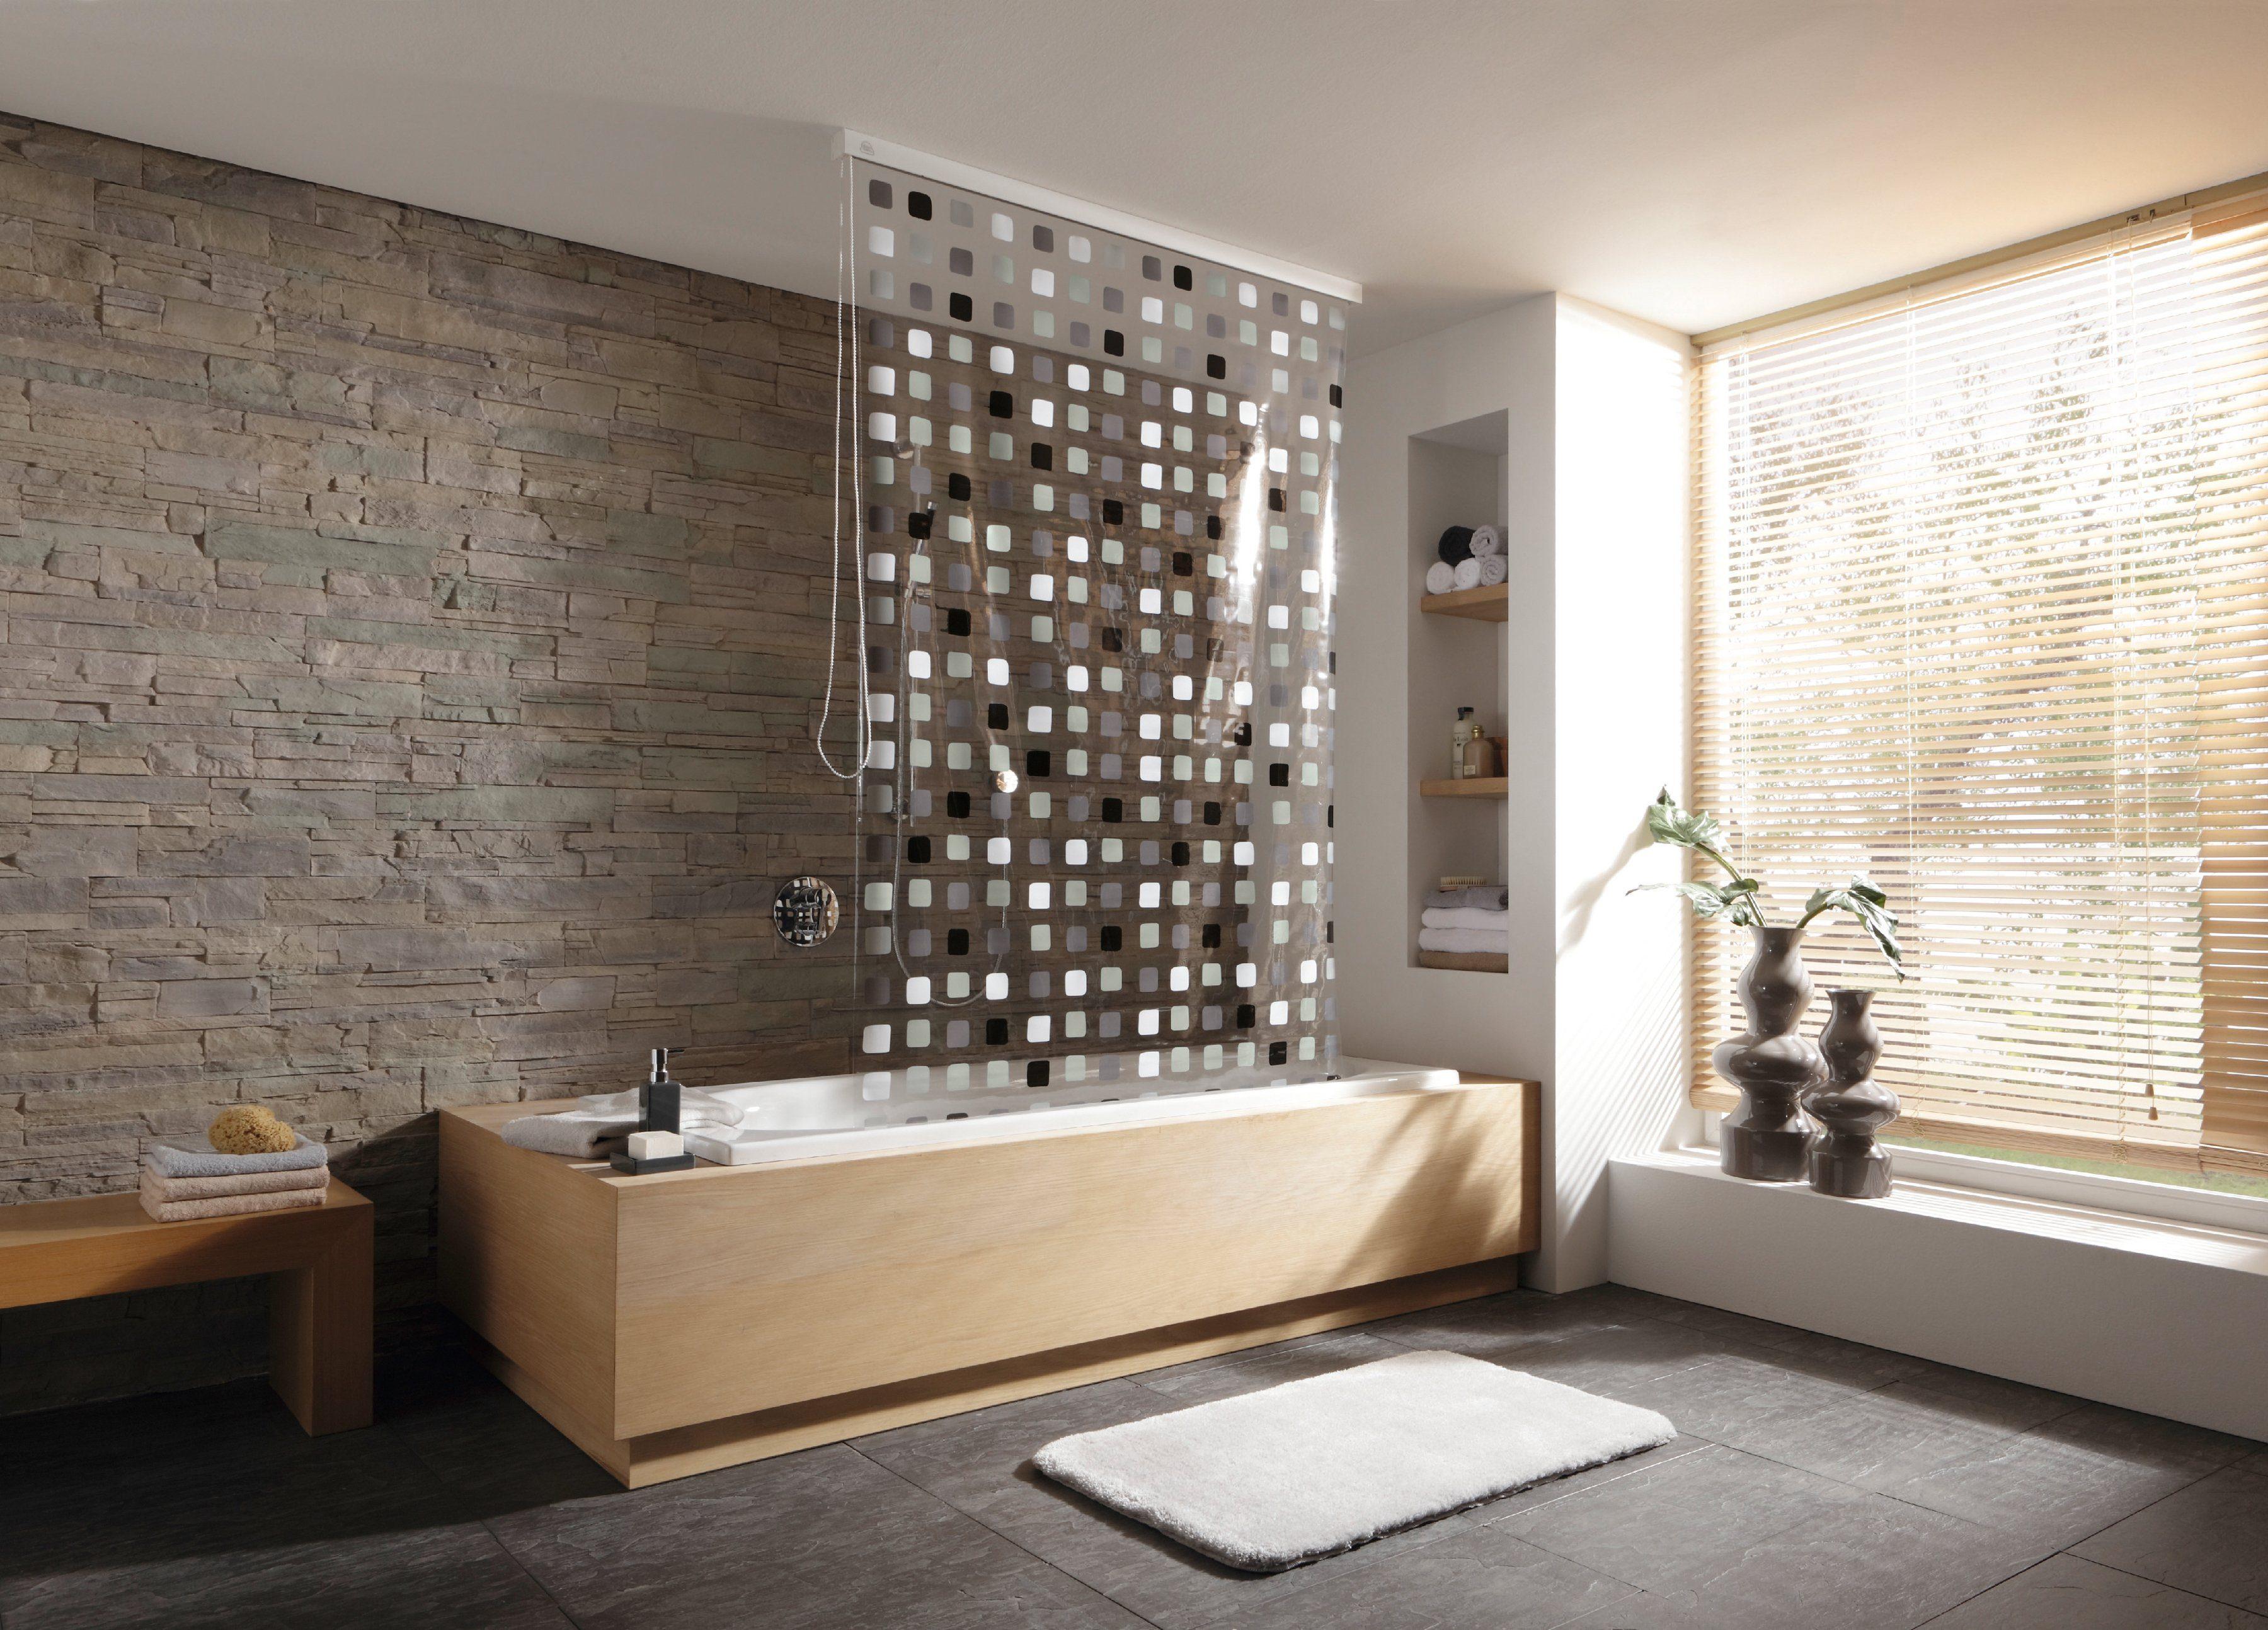 duschvorhang ber eck es31 hitoiro. Black Bedroom Furniture Sets. Home Design Ideas